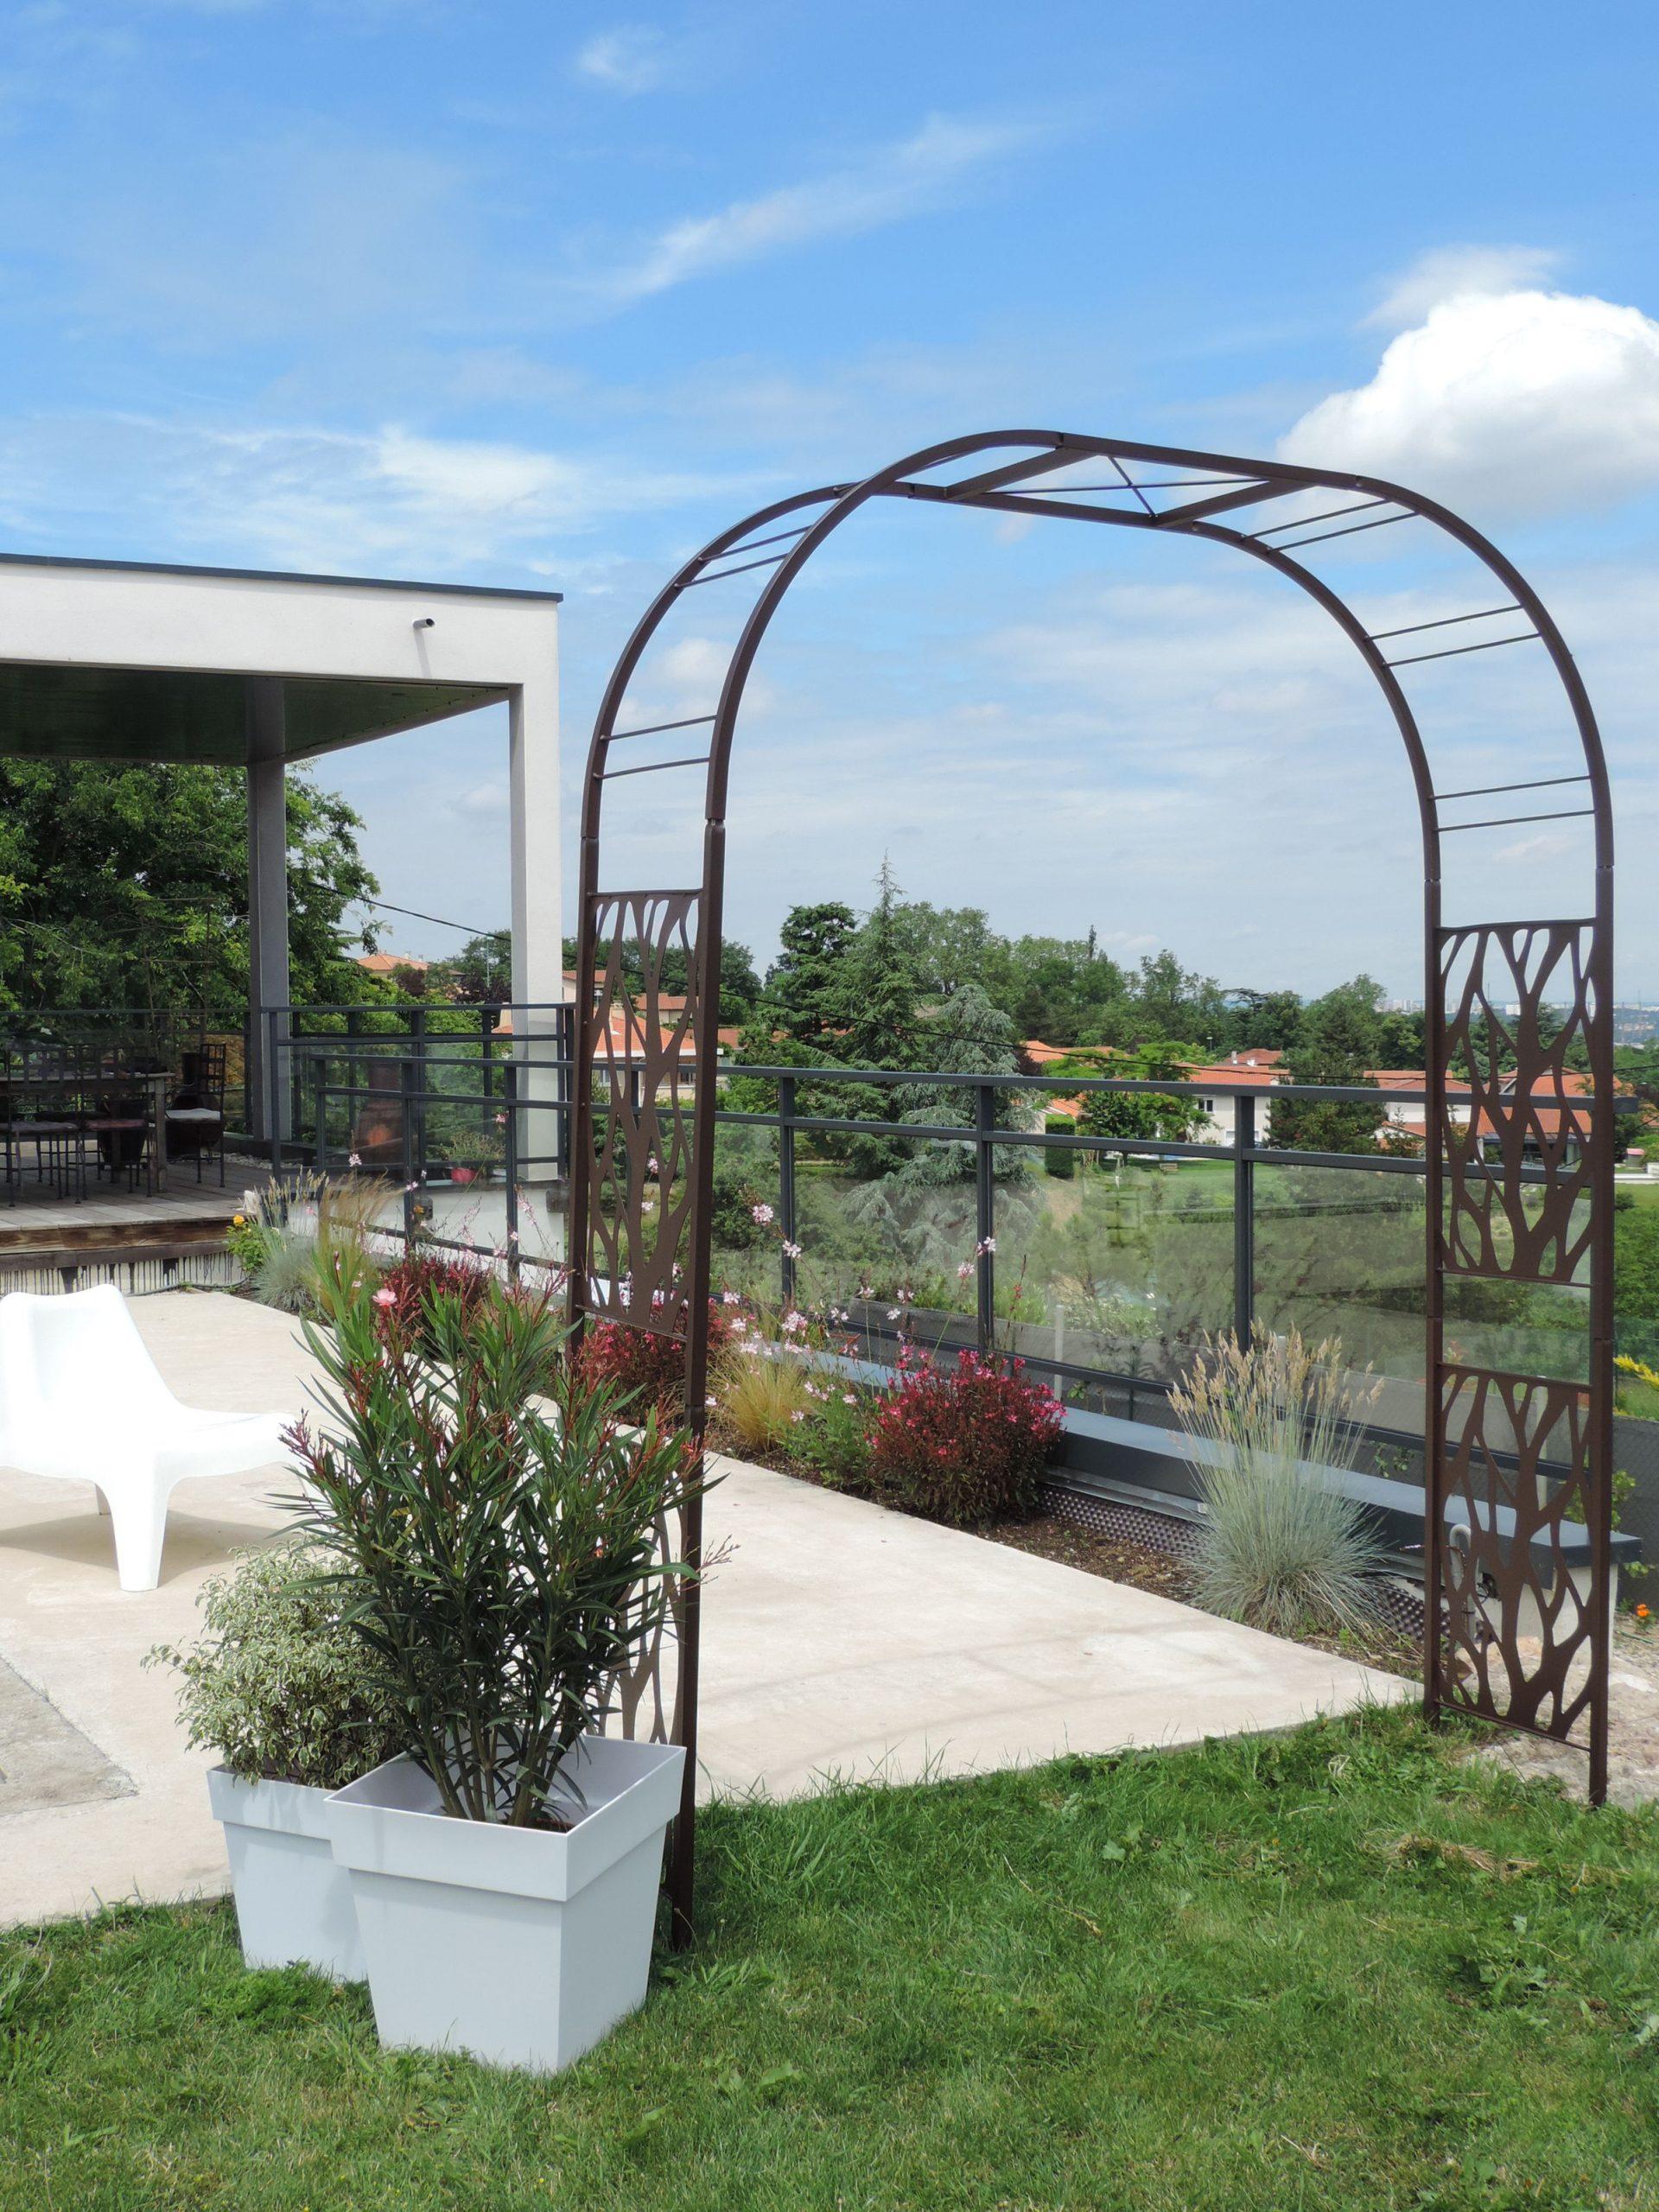 Cette Arche De Jardin, Double En Métal Au Design ... serapportantà Arche En Fer Forgé Pour Jardin